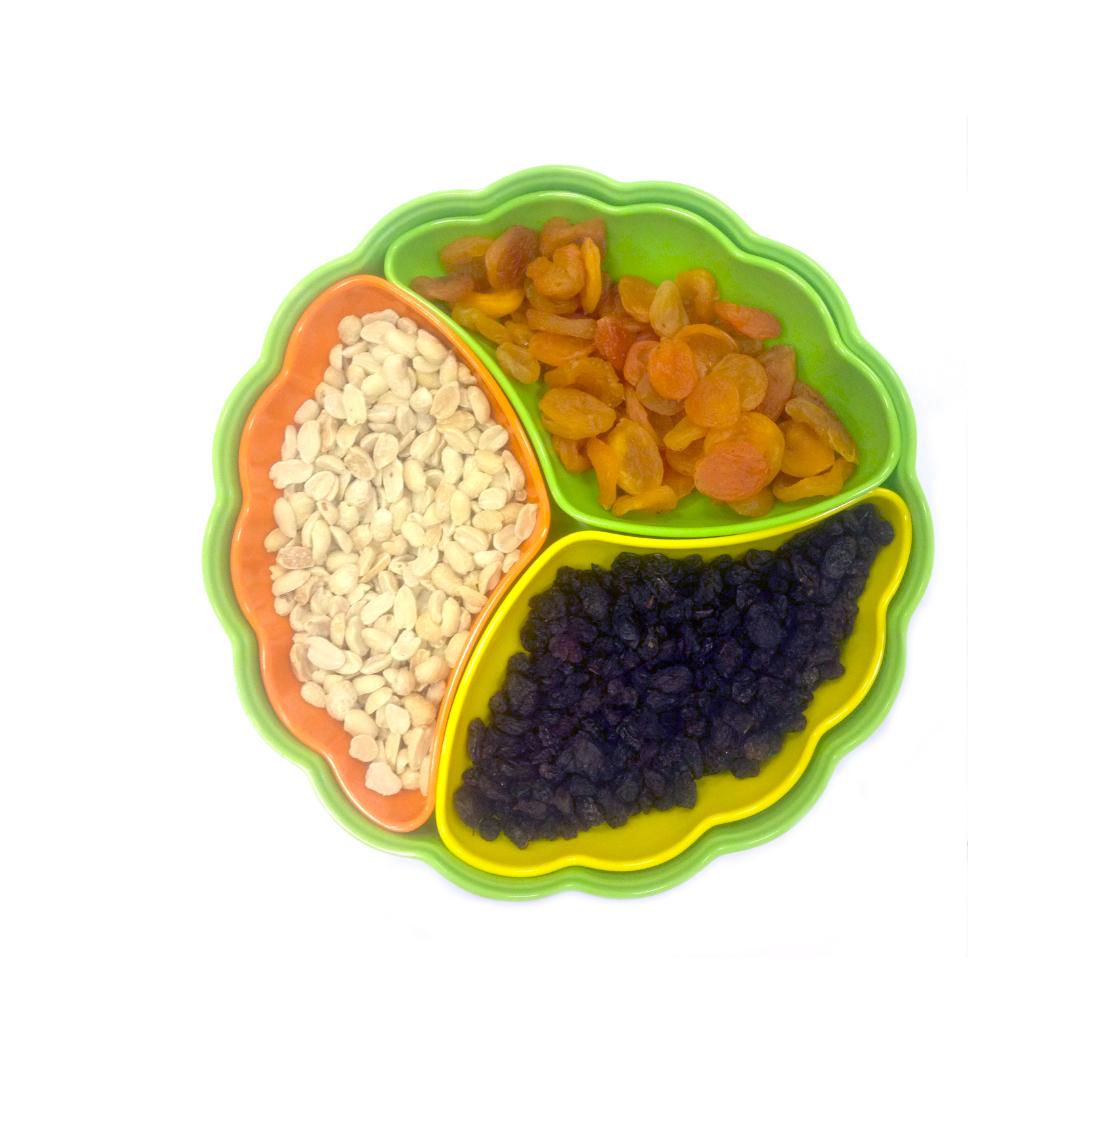 пластмассовая посуда Пластмассовая посуда - купить пластмассовую в интернет ...